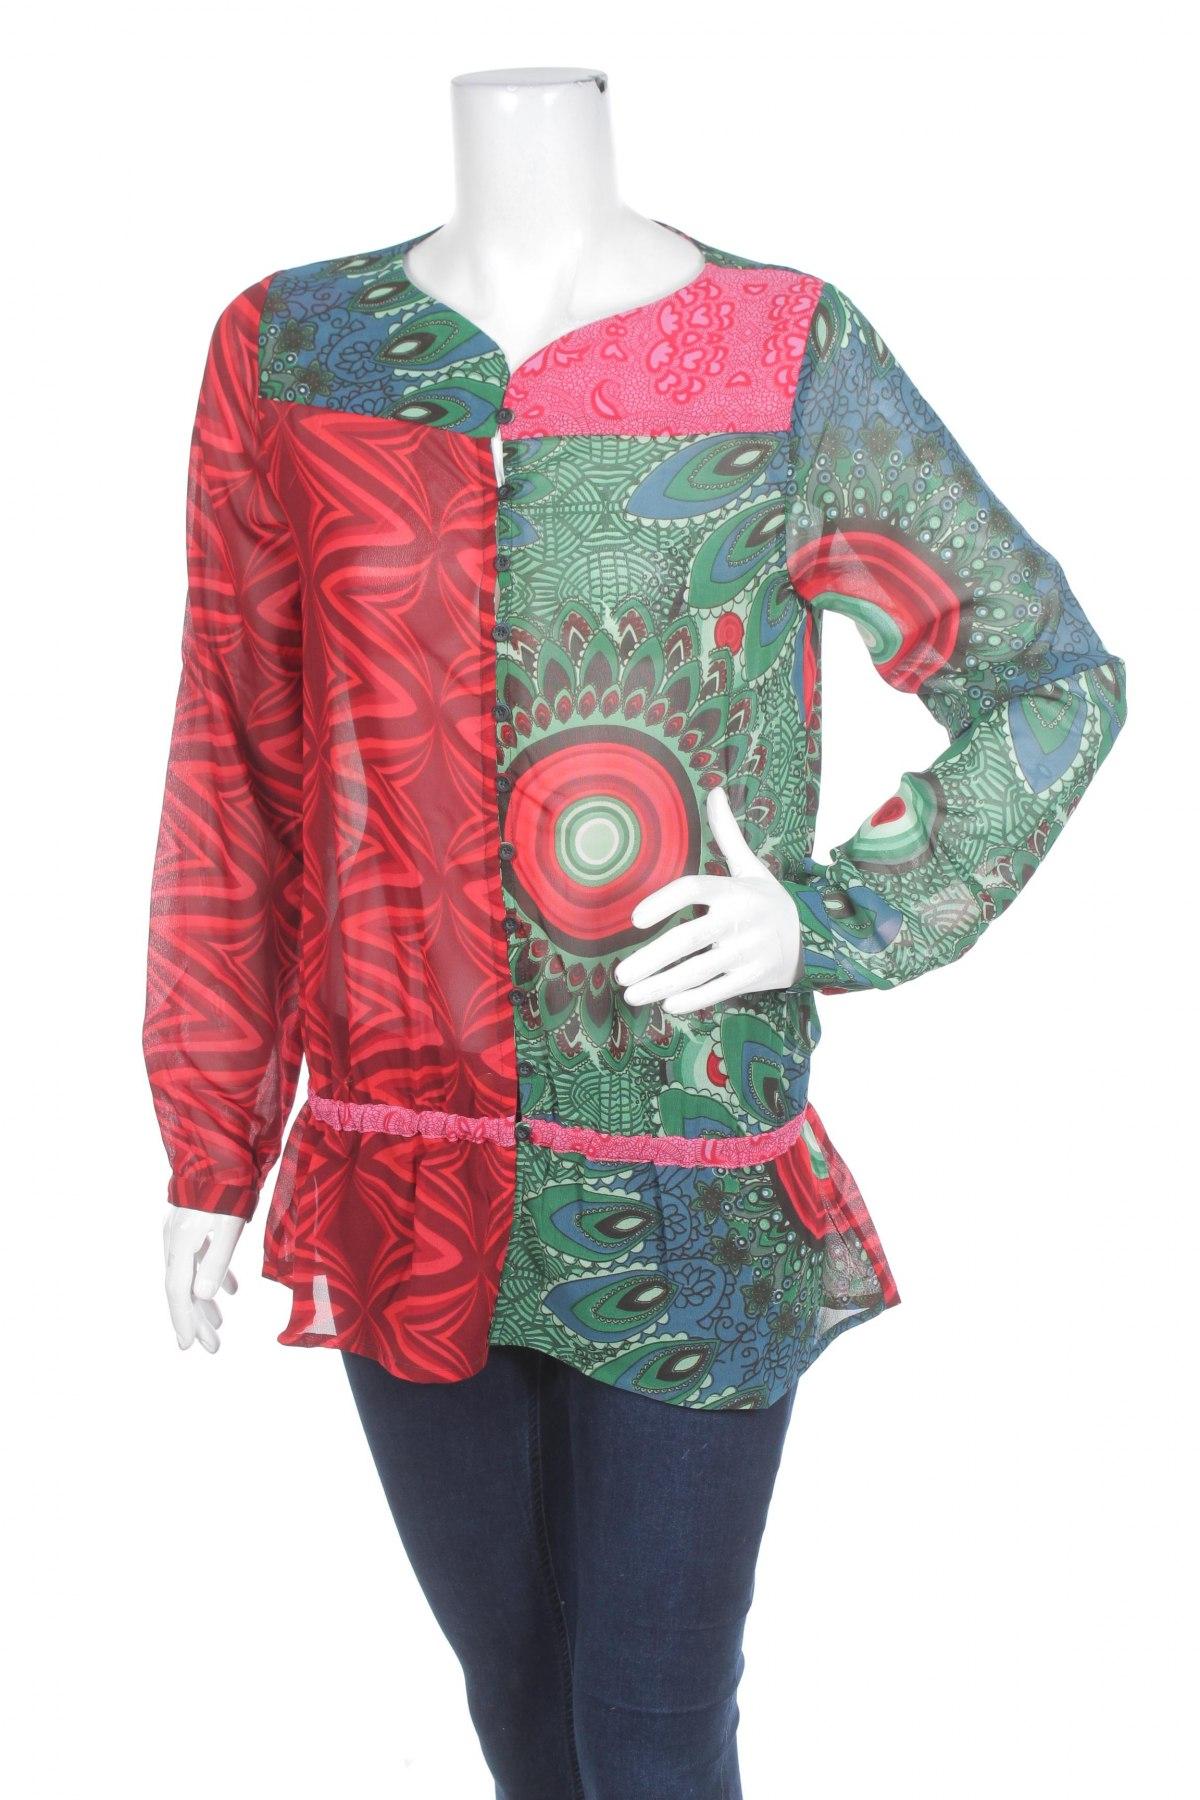 a7f3408be056 Dámska košeľa Desigual - za výhodné ceny na Remix -  100342020